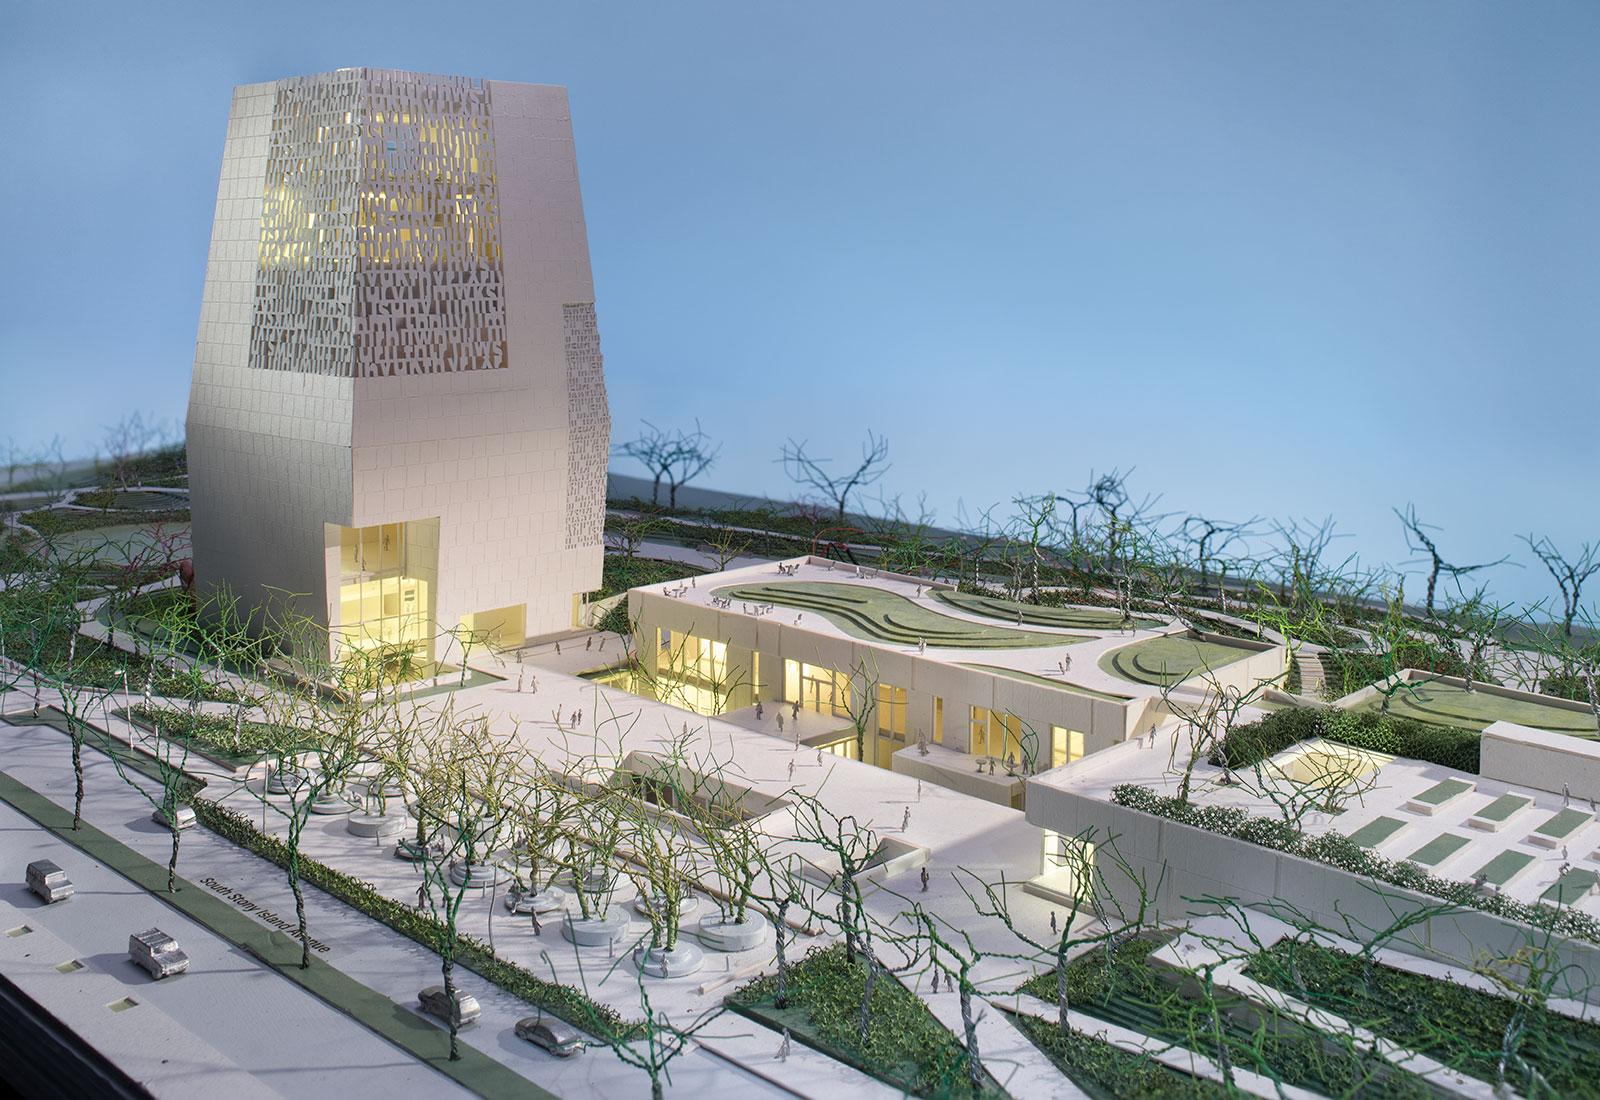 The Obama Foundation 3D Model Image